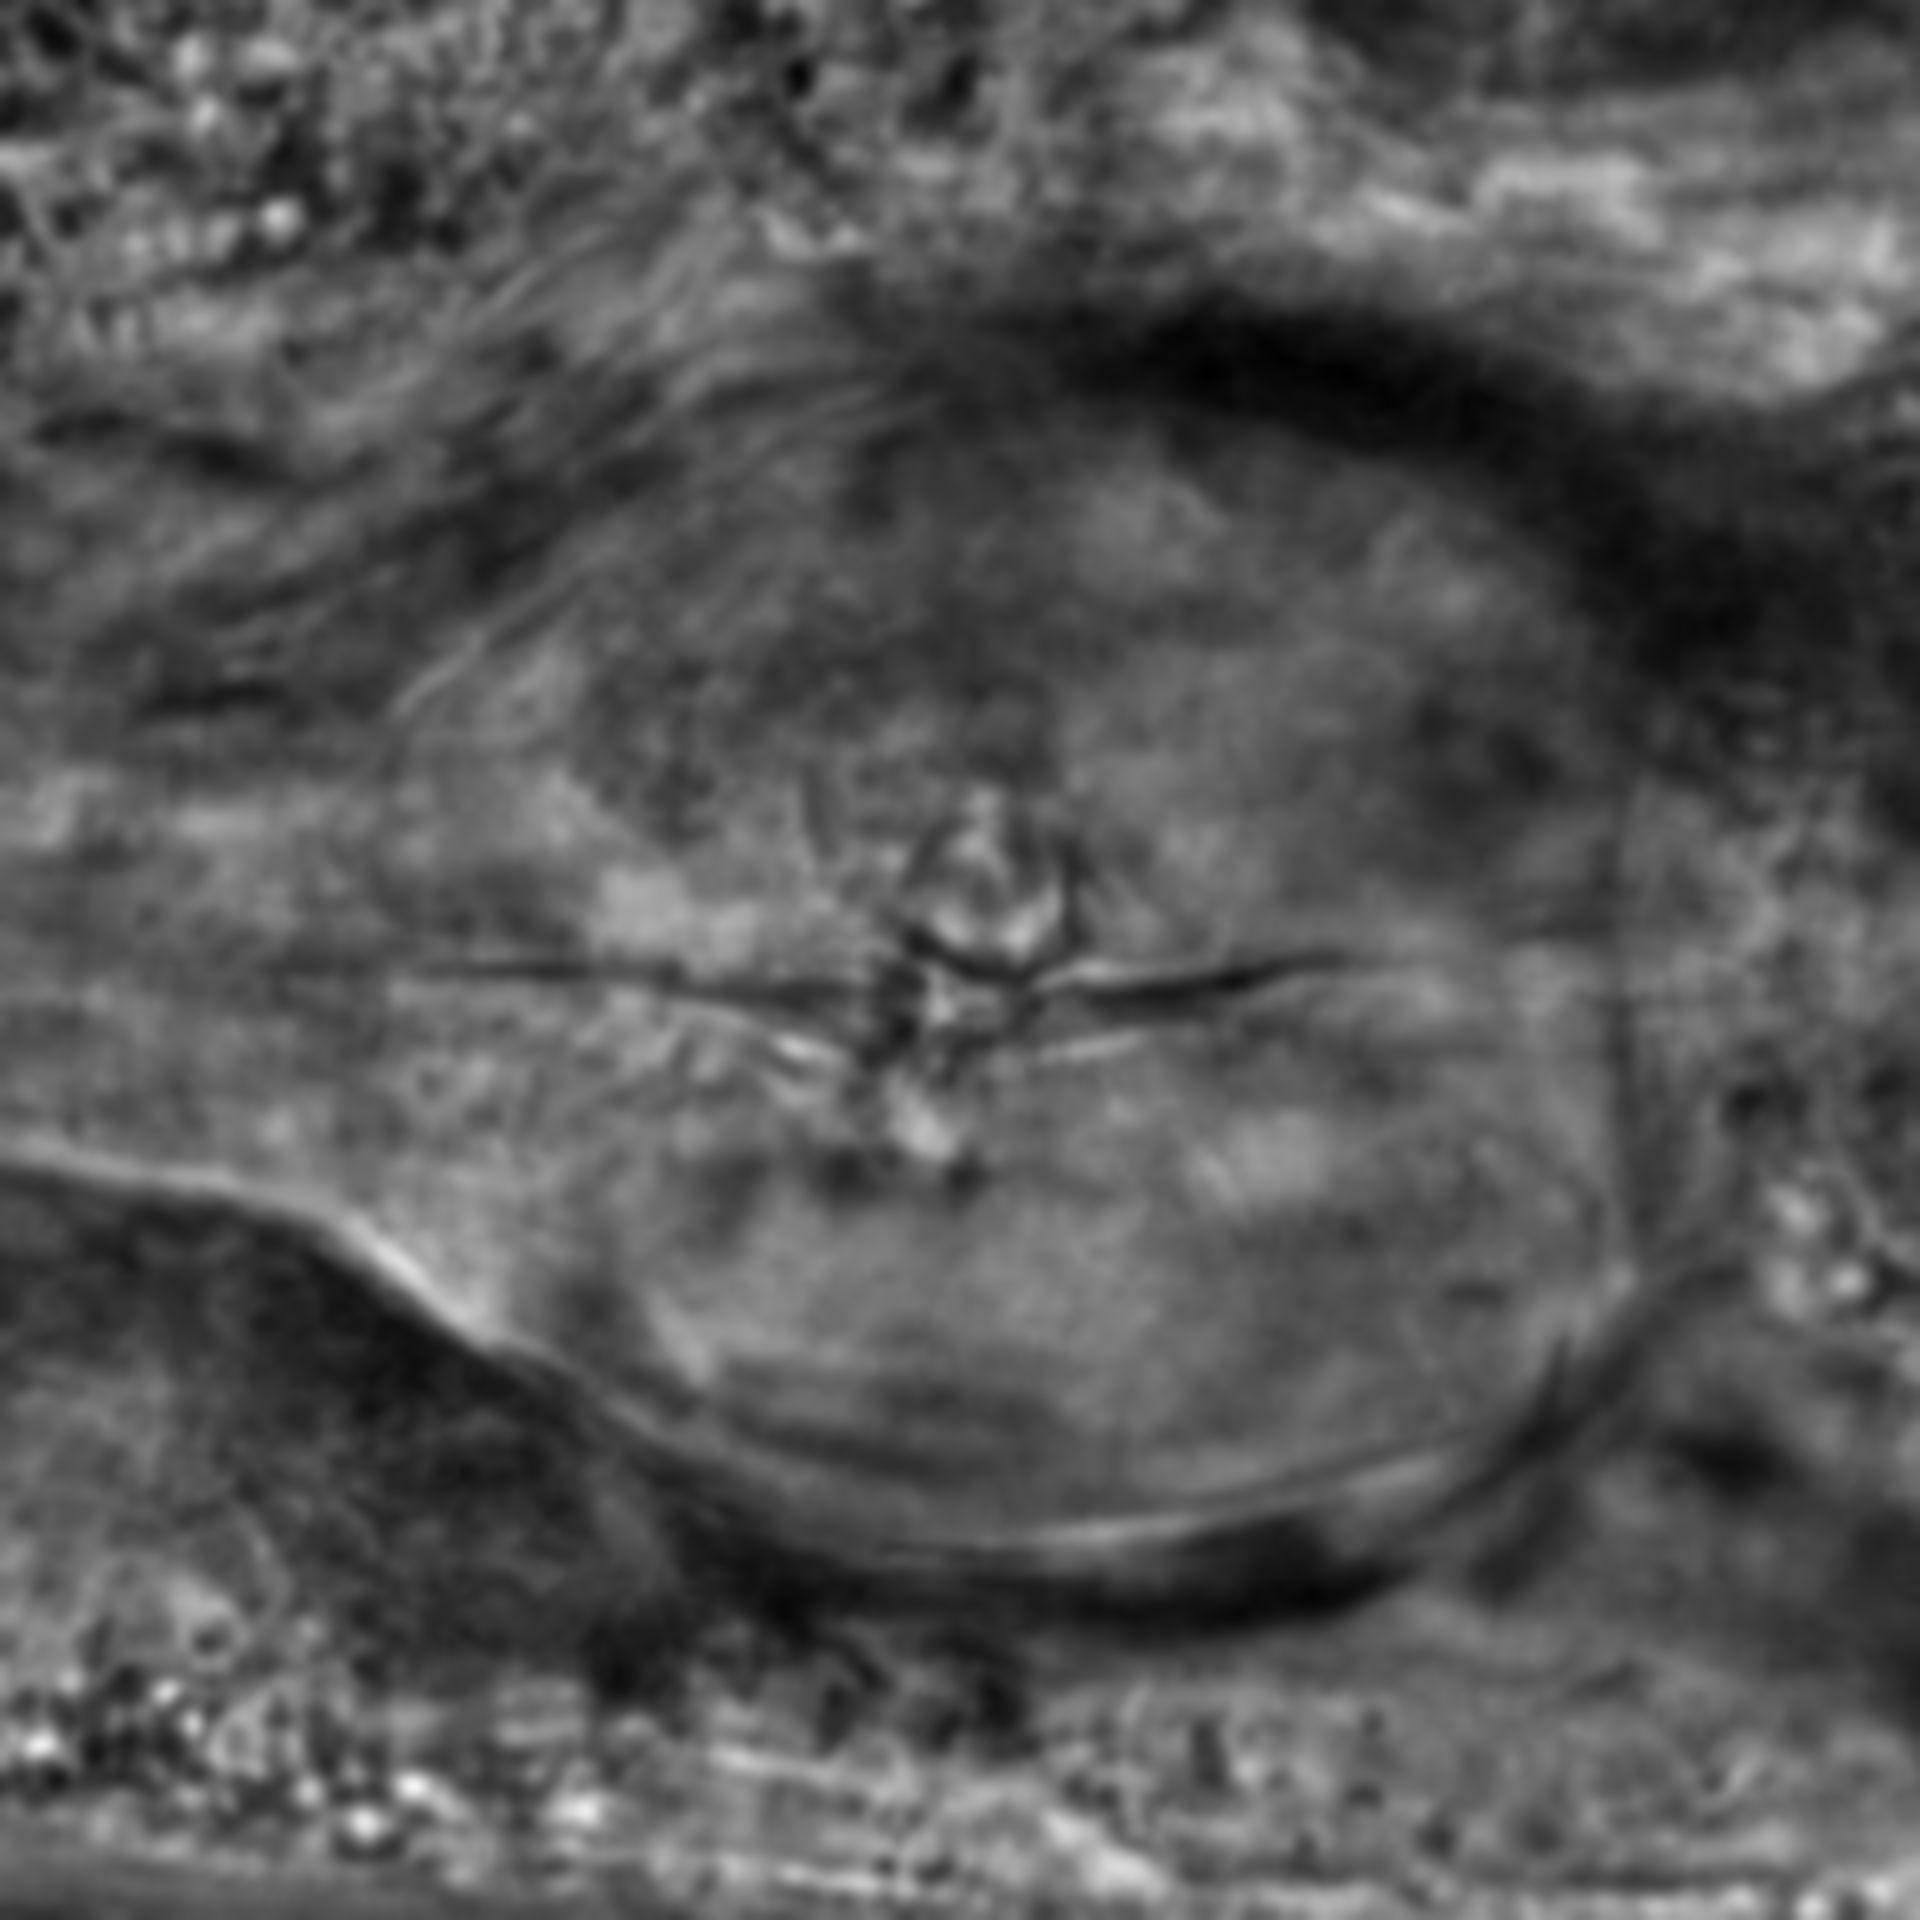 Caenorhabditis elegans - CIL:2803